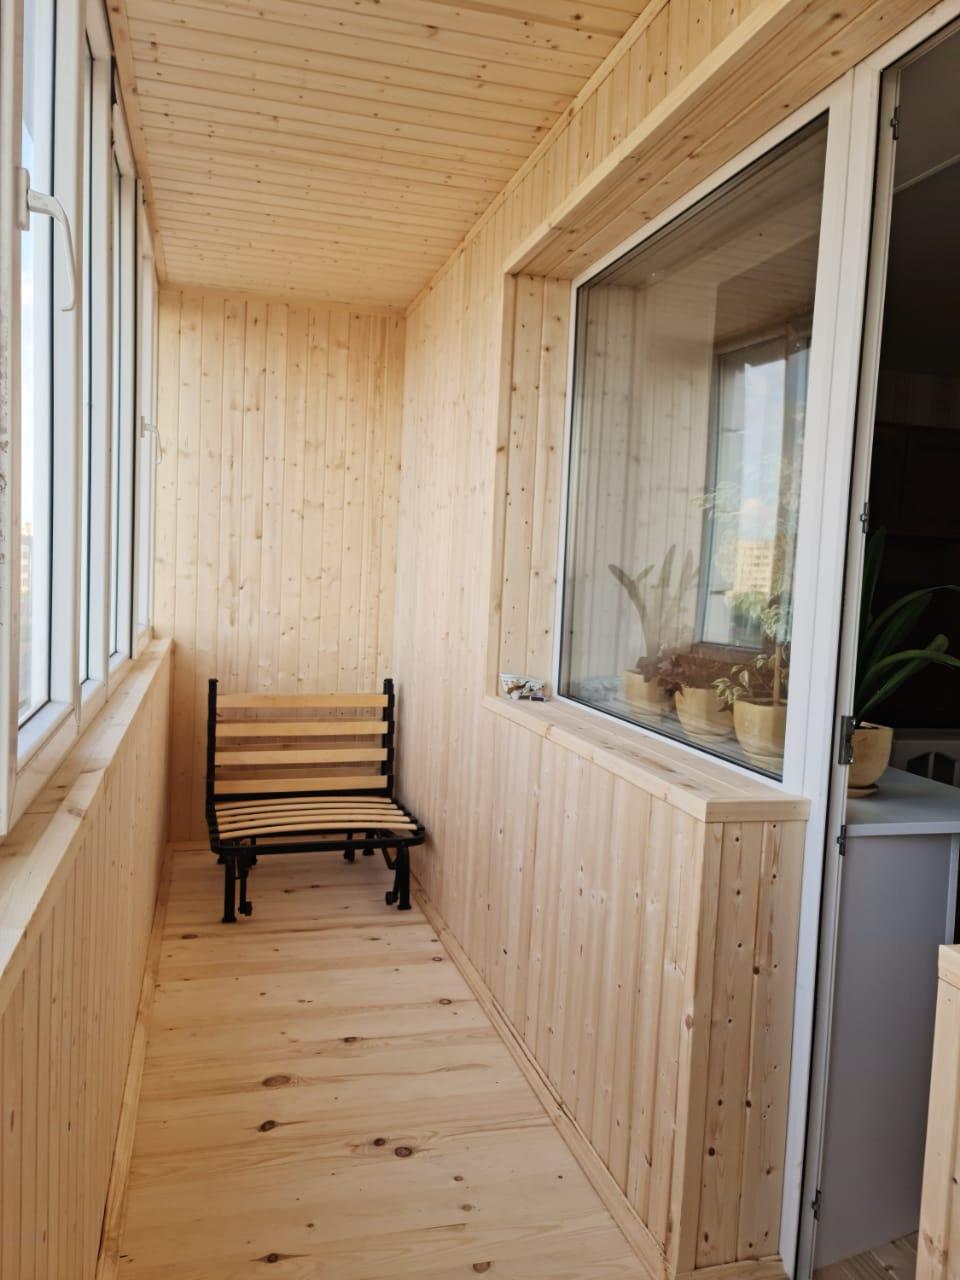 Внутренняя обшивка балкона вагонкой Октябрьский городок 1/149 - фото